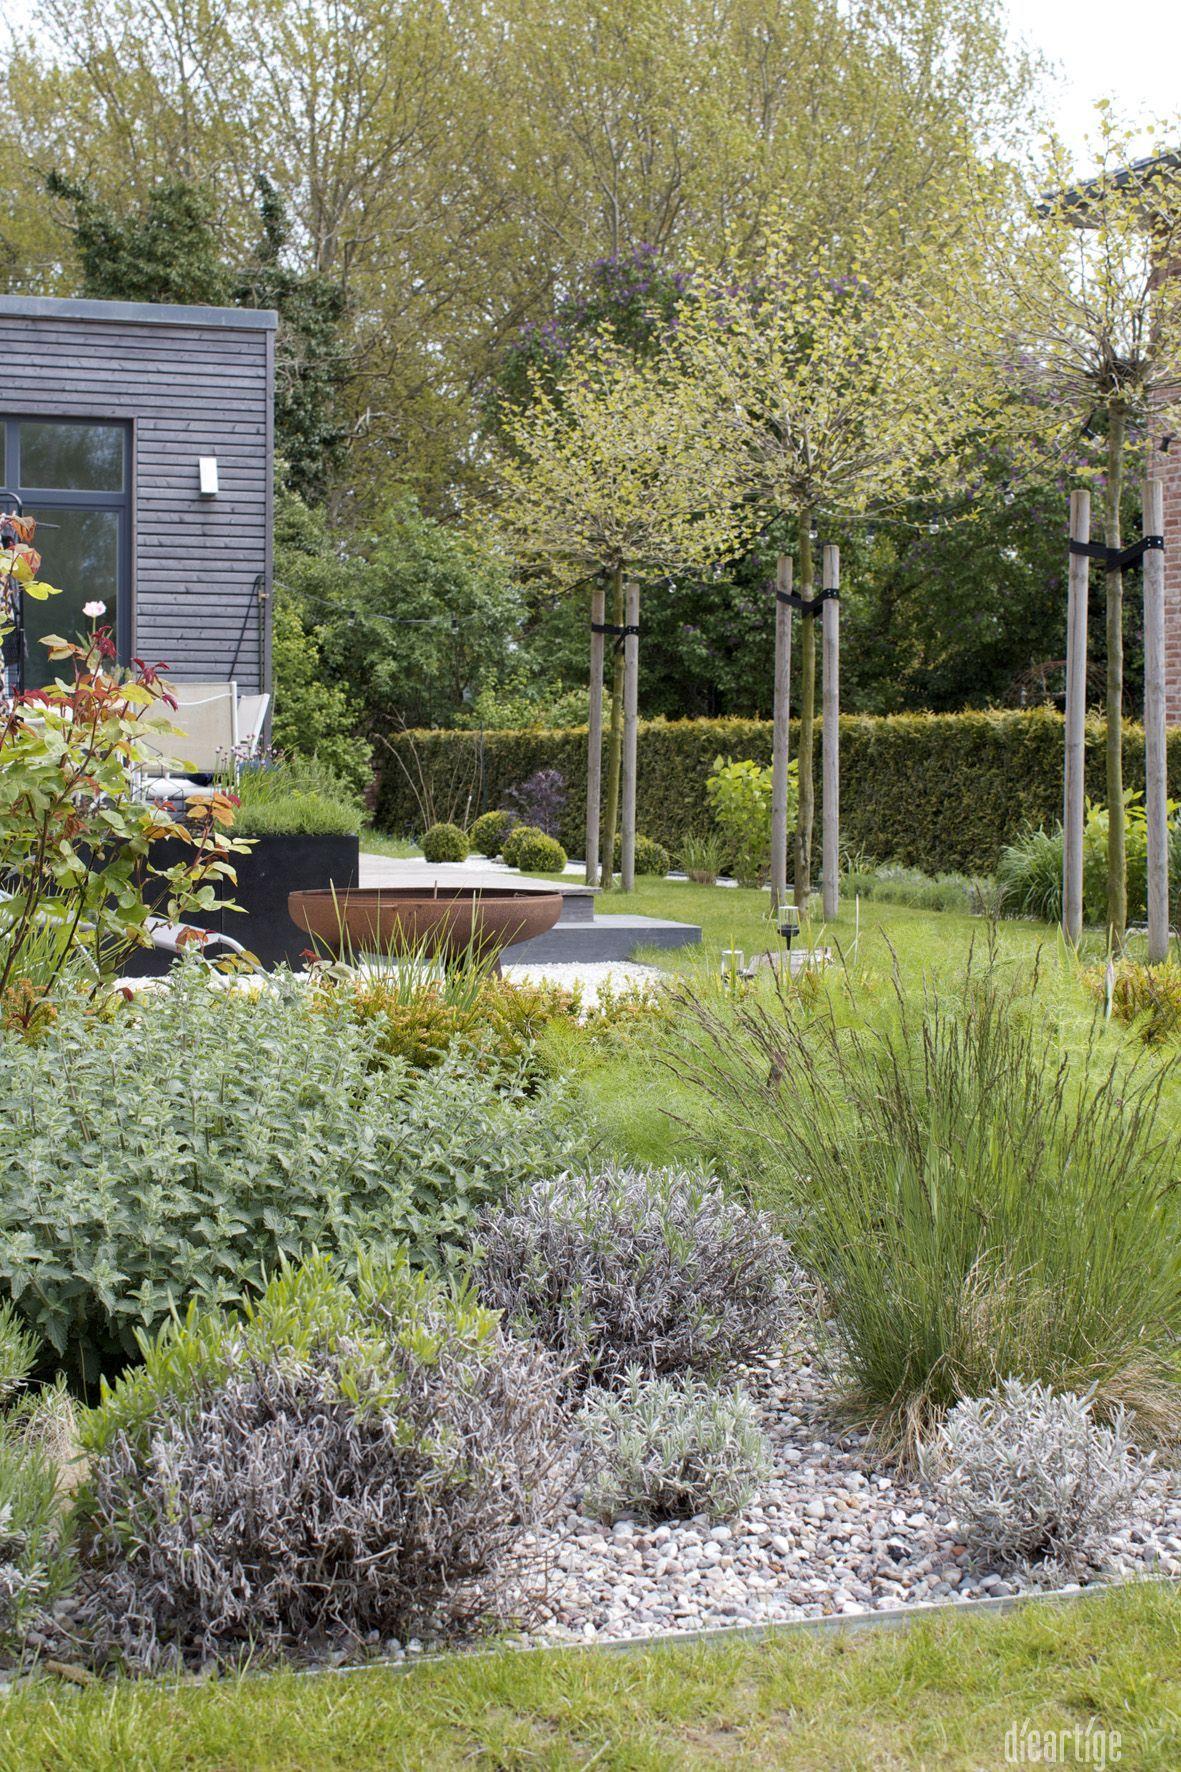 Dieartigeblog Garten Kiesbeet Mit Lavendel Katzenminze Rose Gra Sern Fenchel Terrasse Mit Kugelpla In 2020 With Images Patio Herb Garden Herb Garden Design Modern Garden